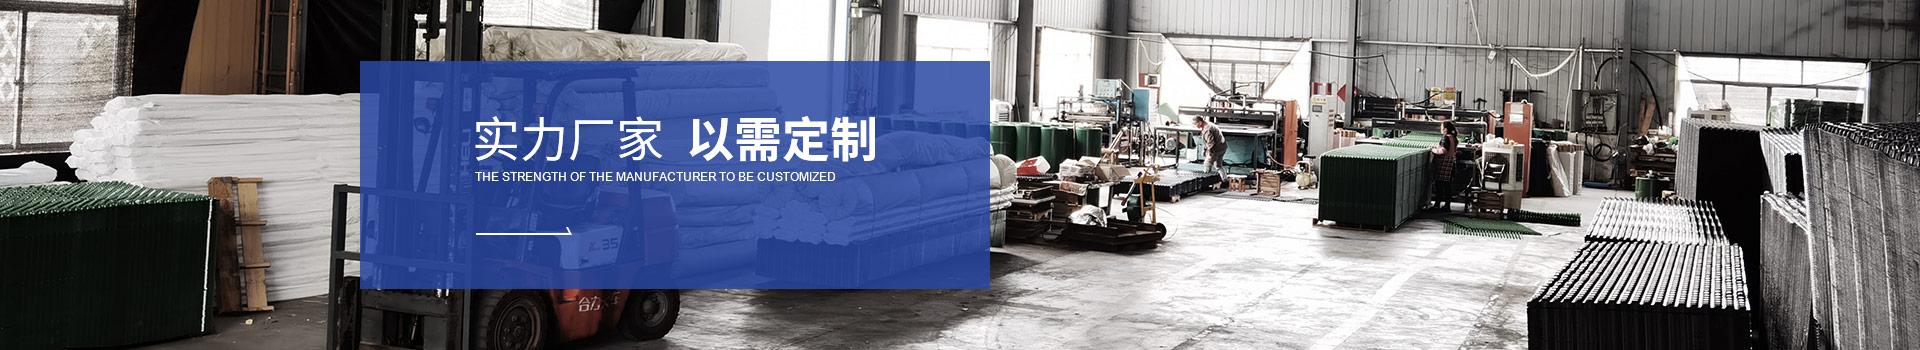 置顶PVC排水板 实力厂家 以需定制